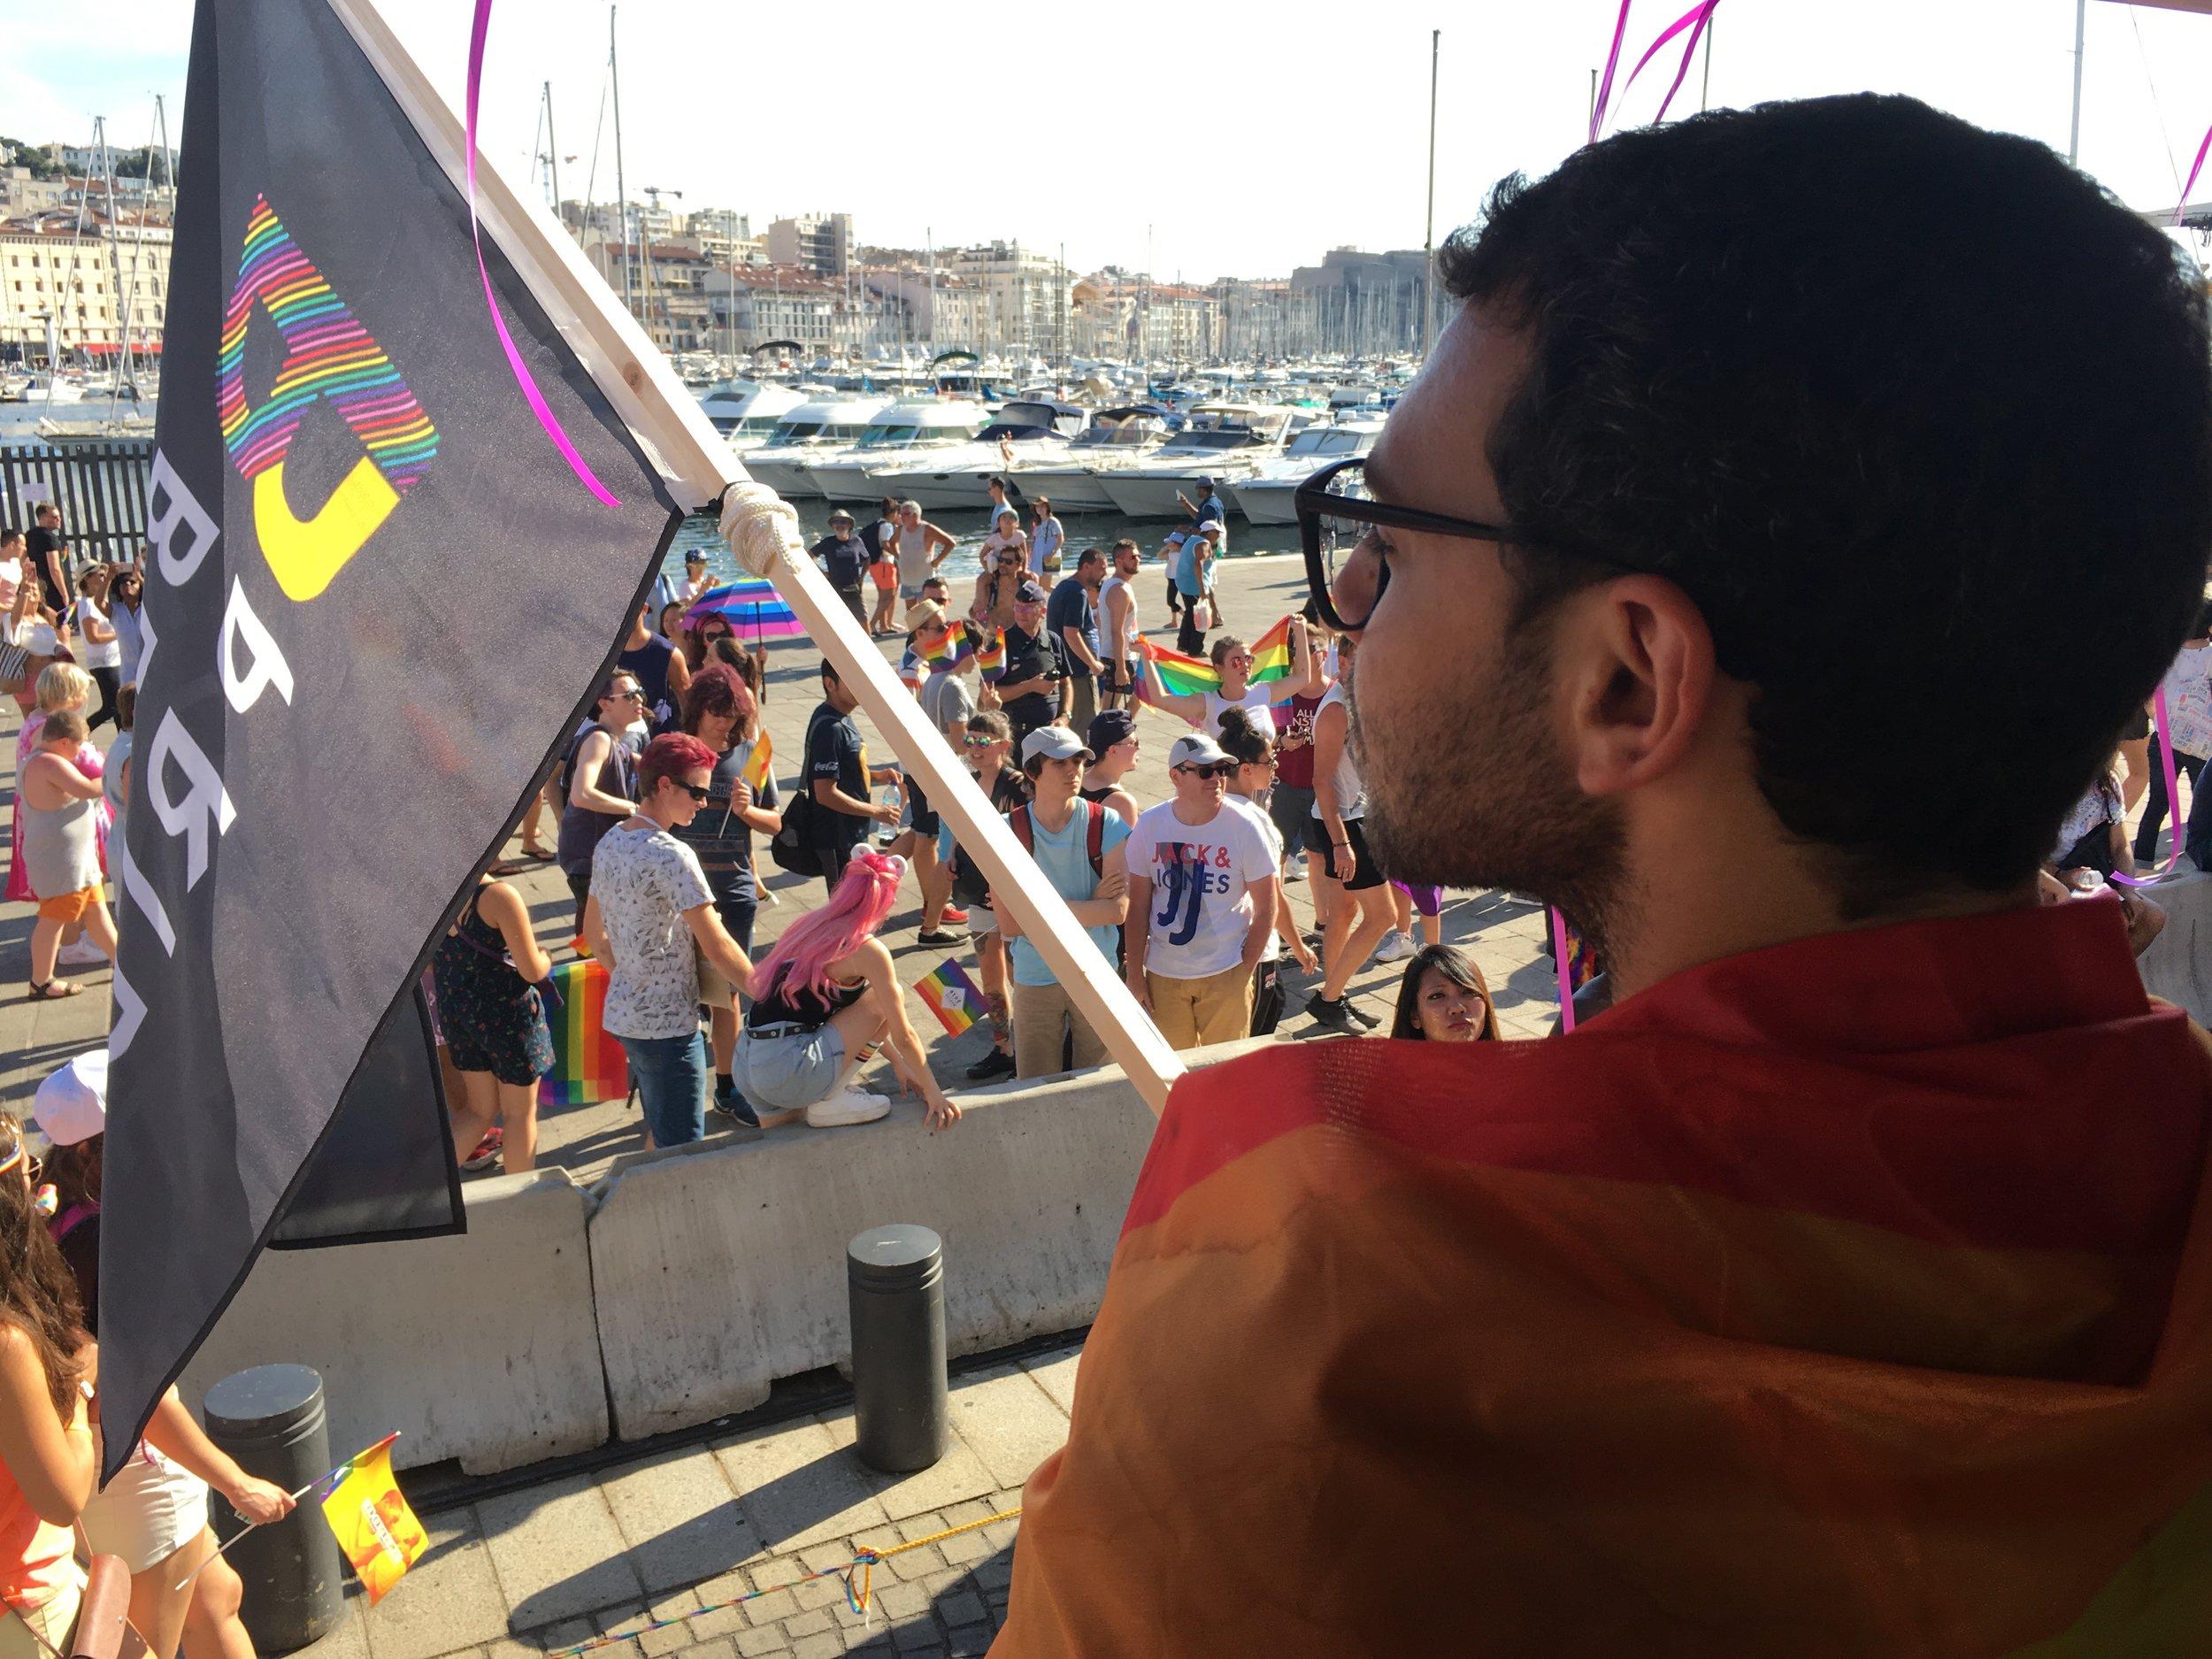 July 7, 2018, Le vieux port, La Canebière, Marseille, IMG_7355.jpg